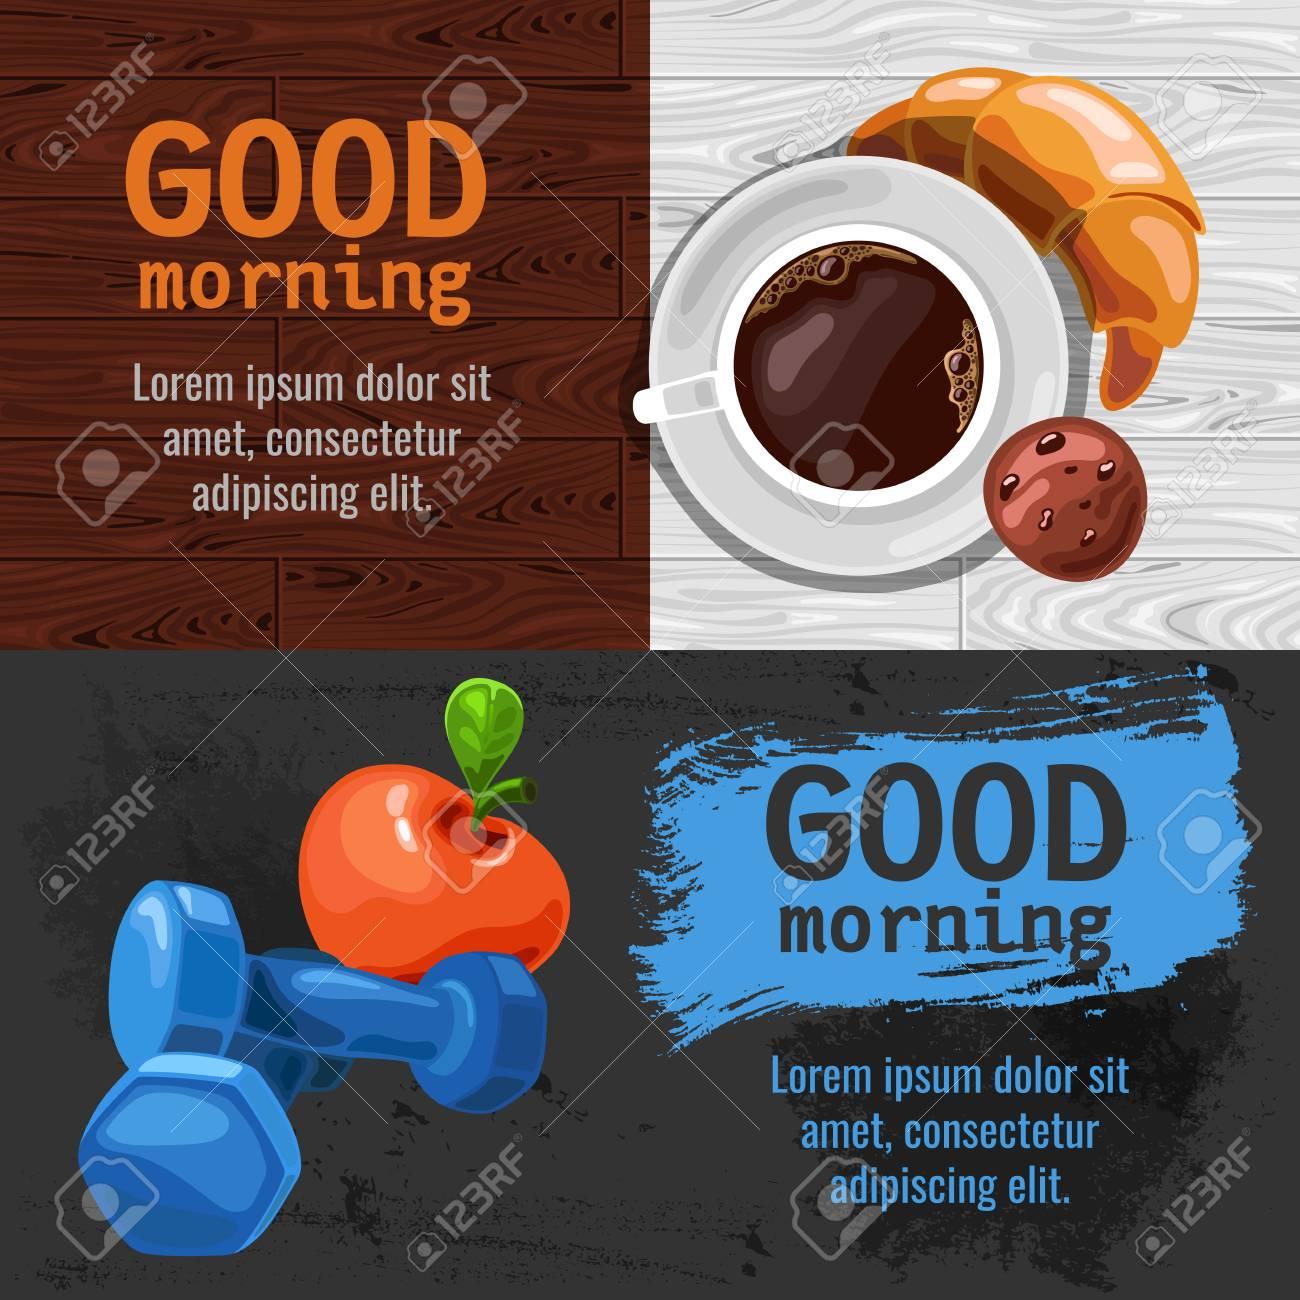 Buongiorno Poster Una Buona Giornata Inizia Con Una Tazza Di Caffè E Un Cornetto Colazione Sana E Fitness